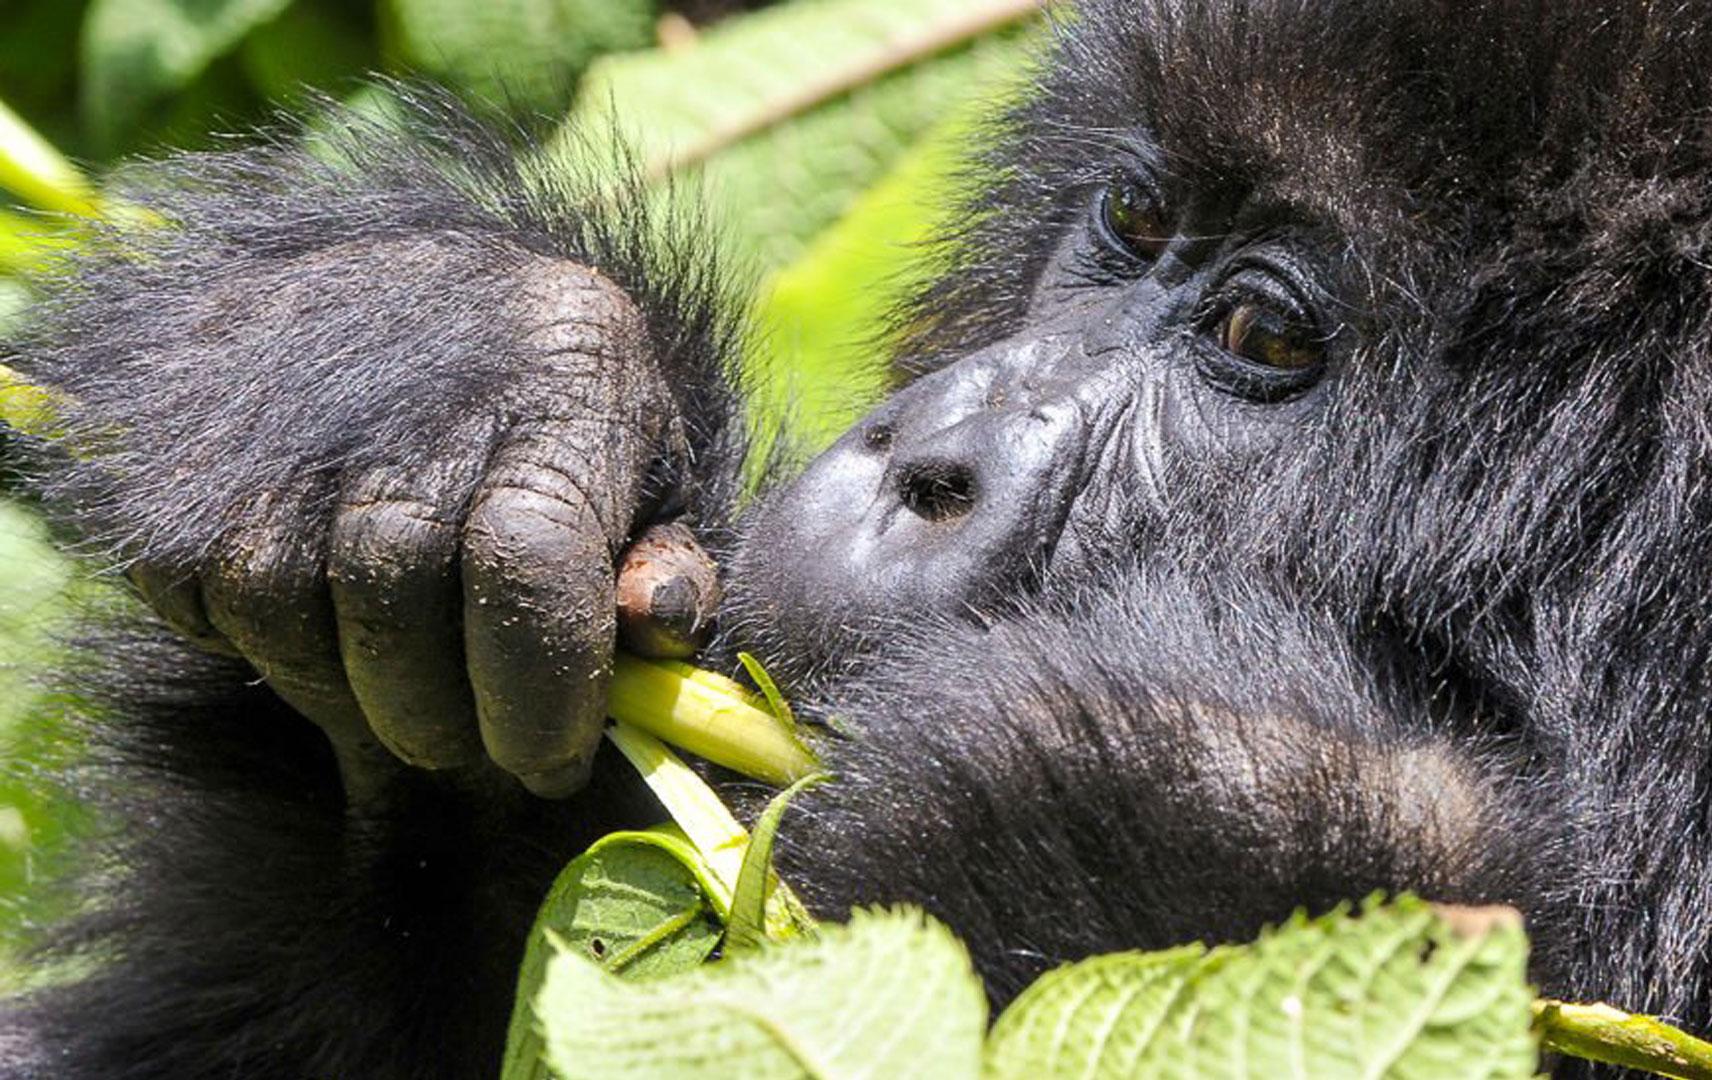 Nahaufnahme eines Gorillas in Uganda